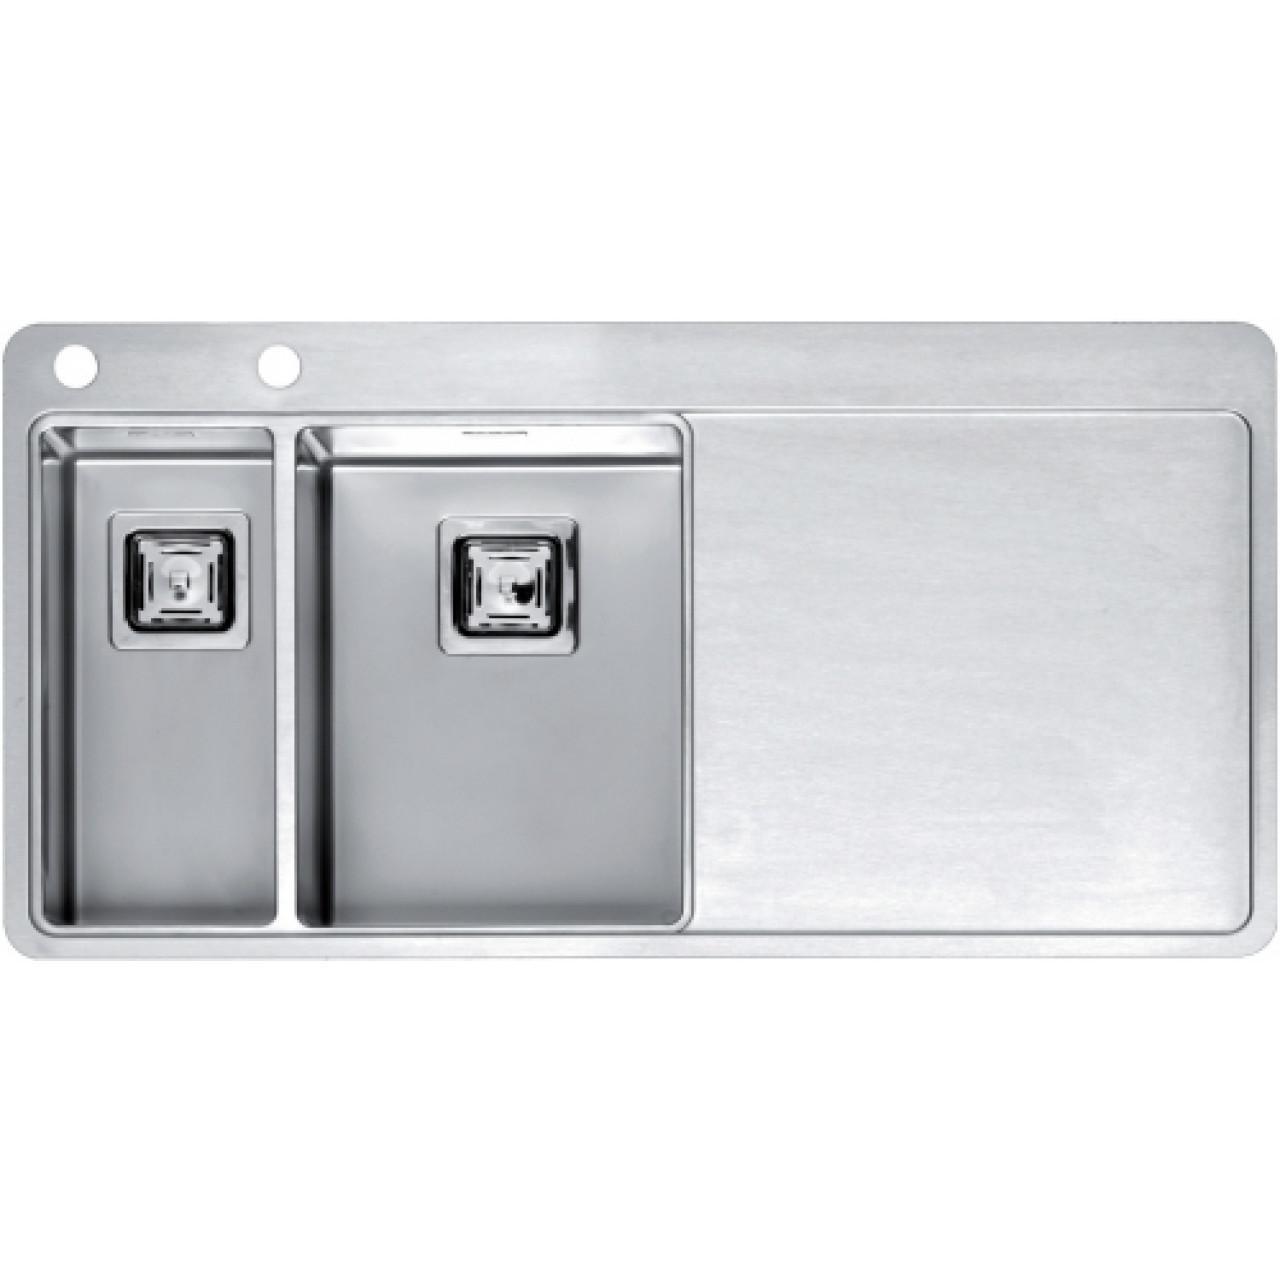 Кухонная мойка Reginox Nevada 30x18 LUX OKG Left/Rignt 43030/43031 купить в Москве по цене от 79000р. в интернет-магазине mebel-v-vannu.ru